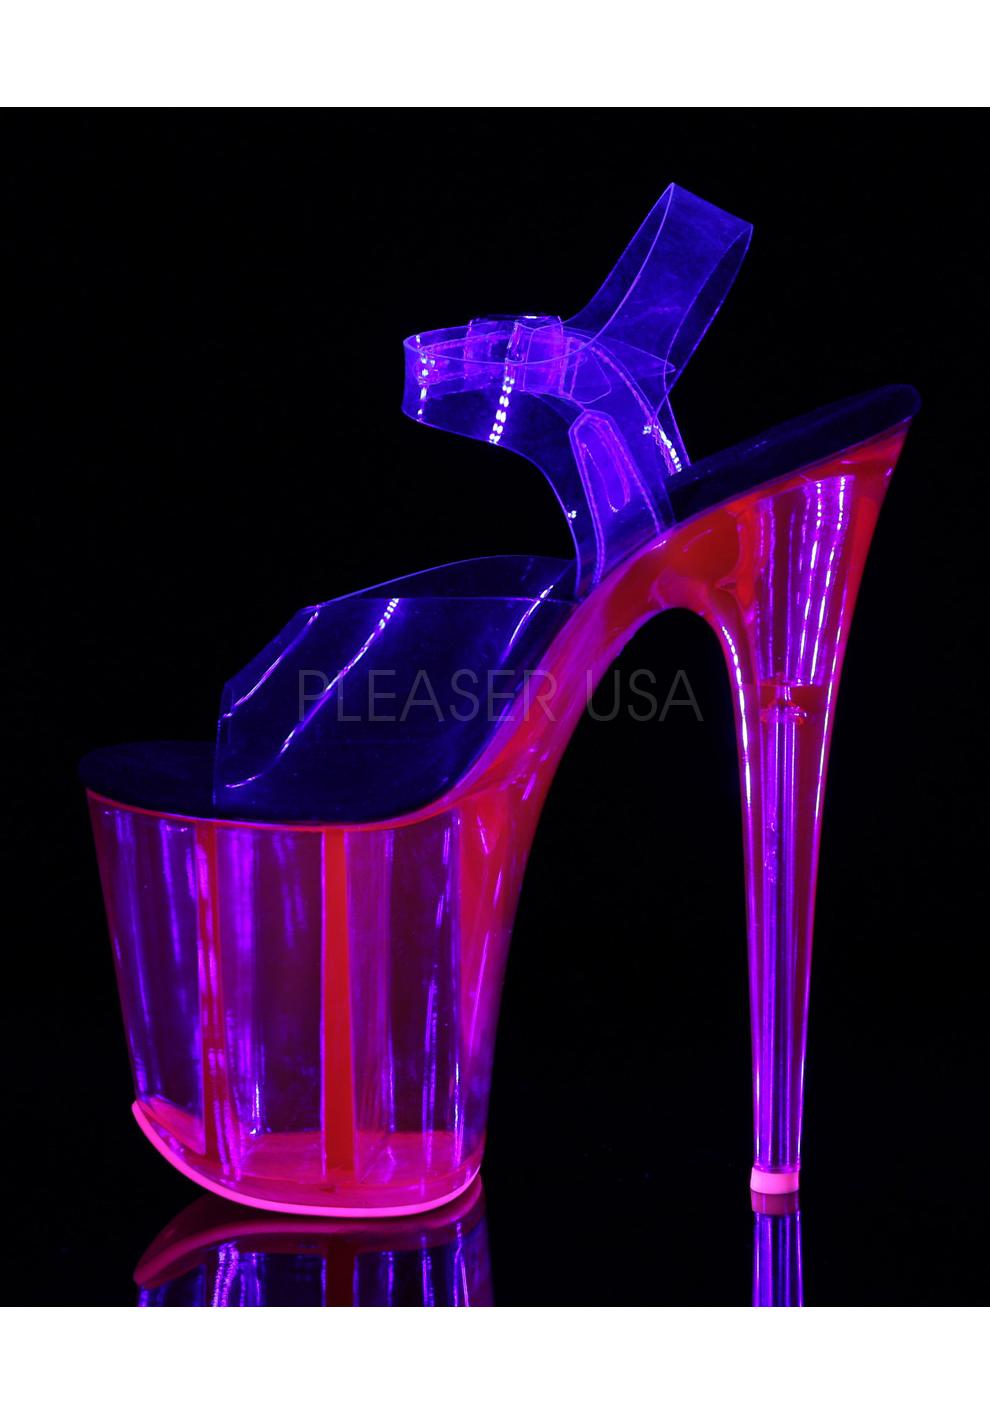 Pleaser 8 Platform Inch Heel, 4 Inch UV Reactive Tinted Platform 8 Ankle Strap Sandal 042cde